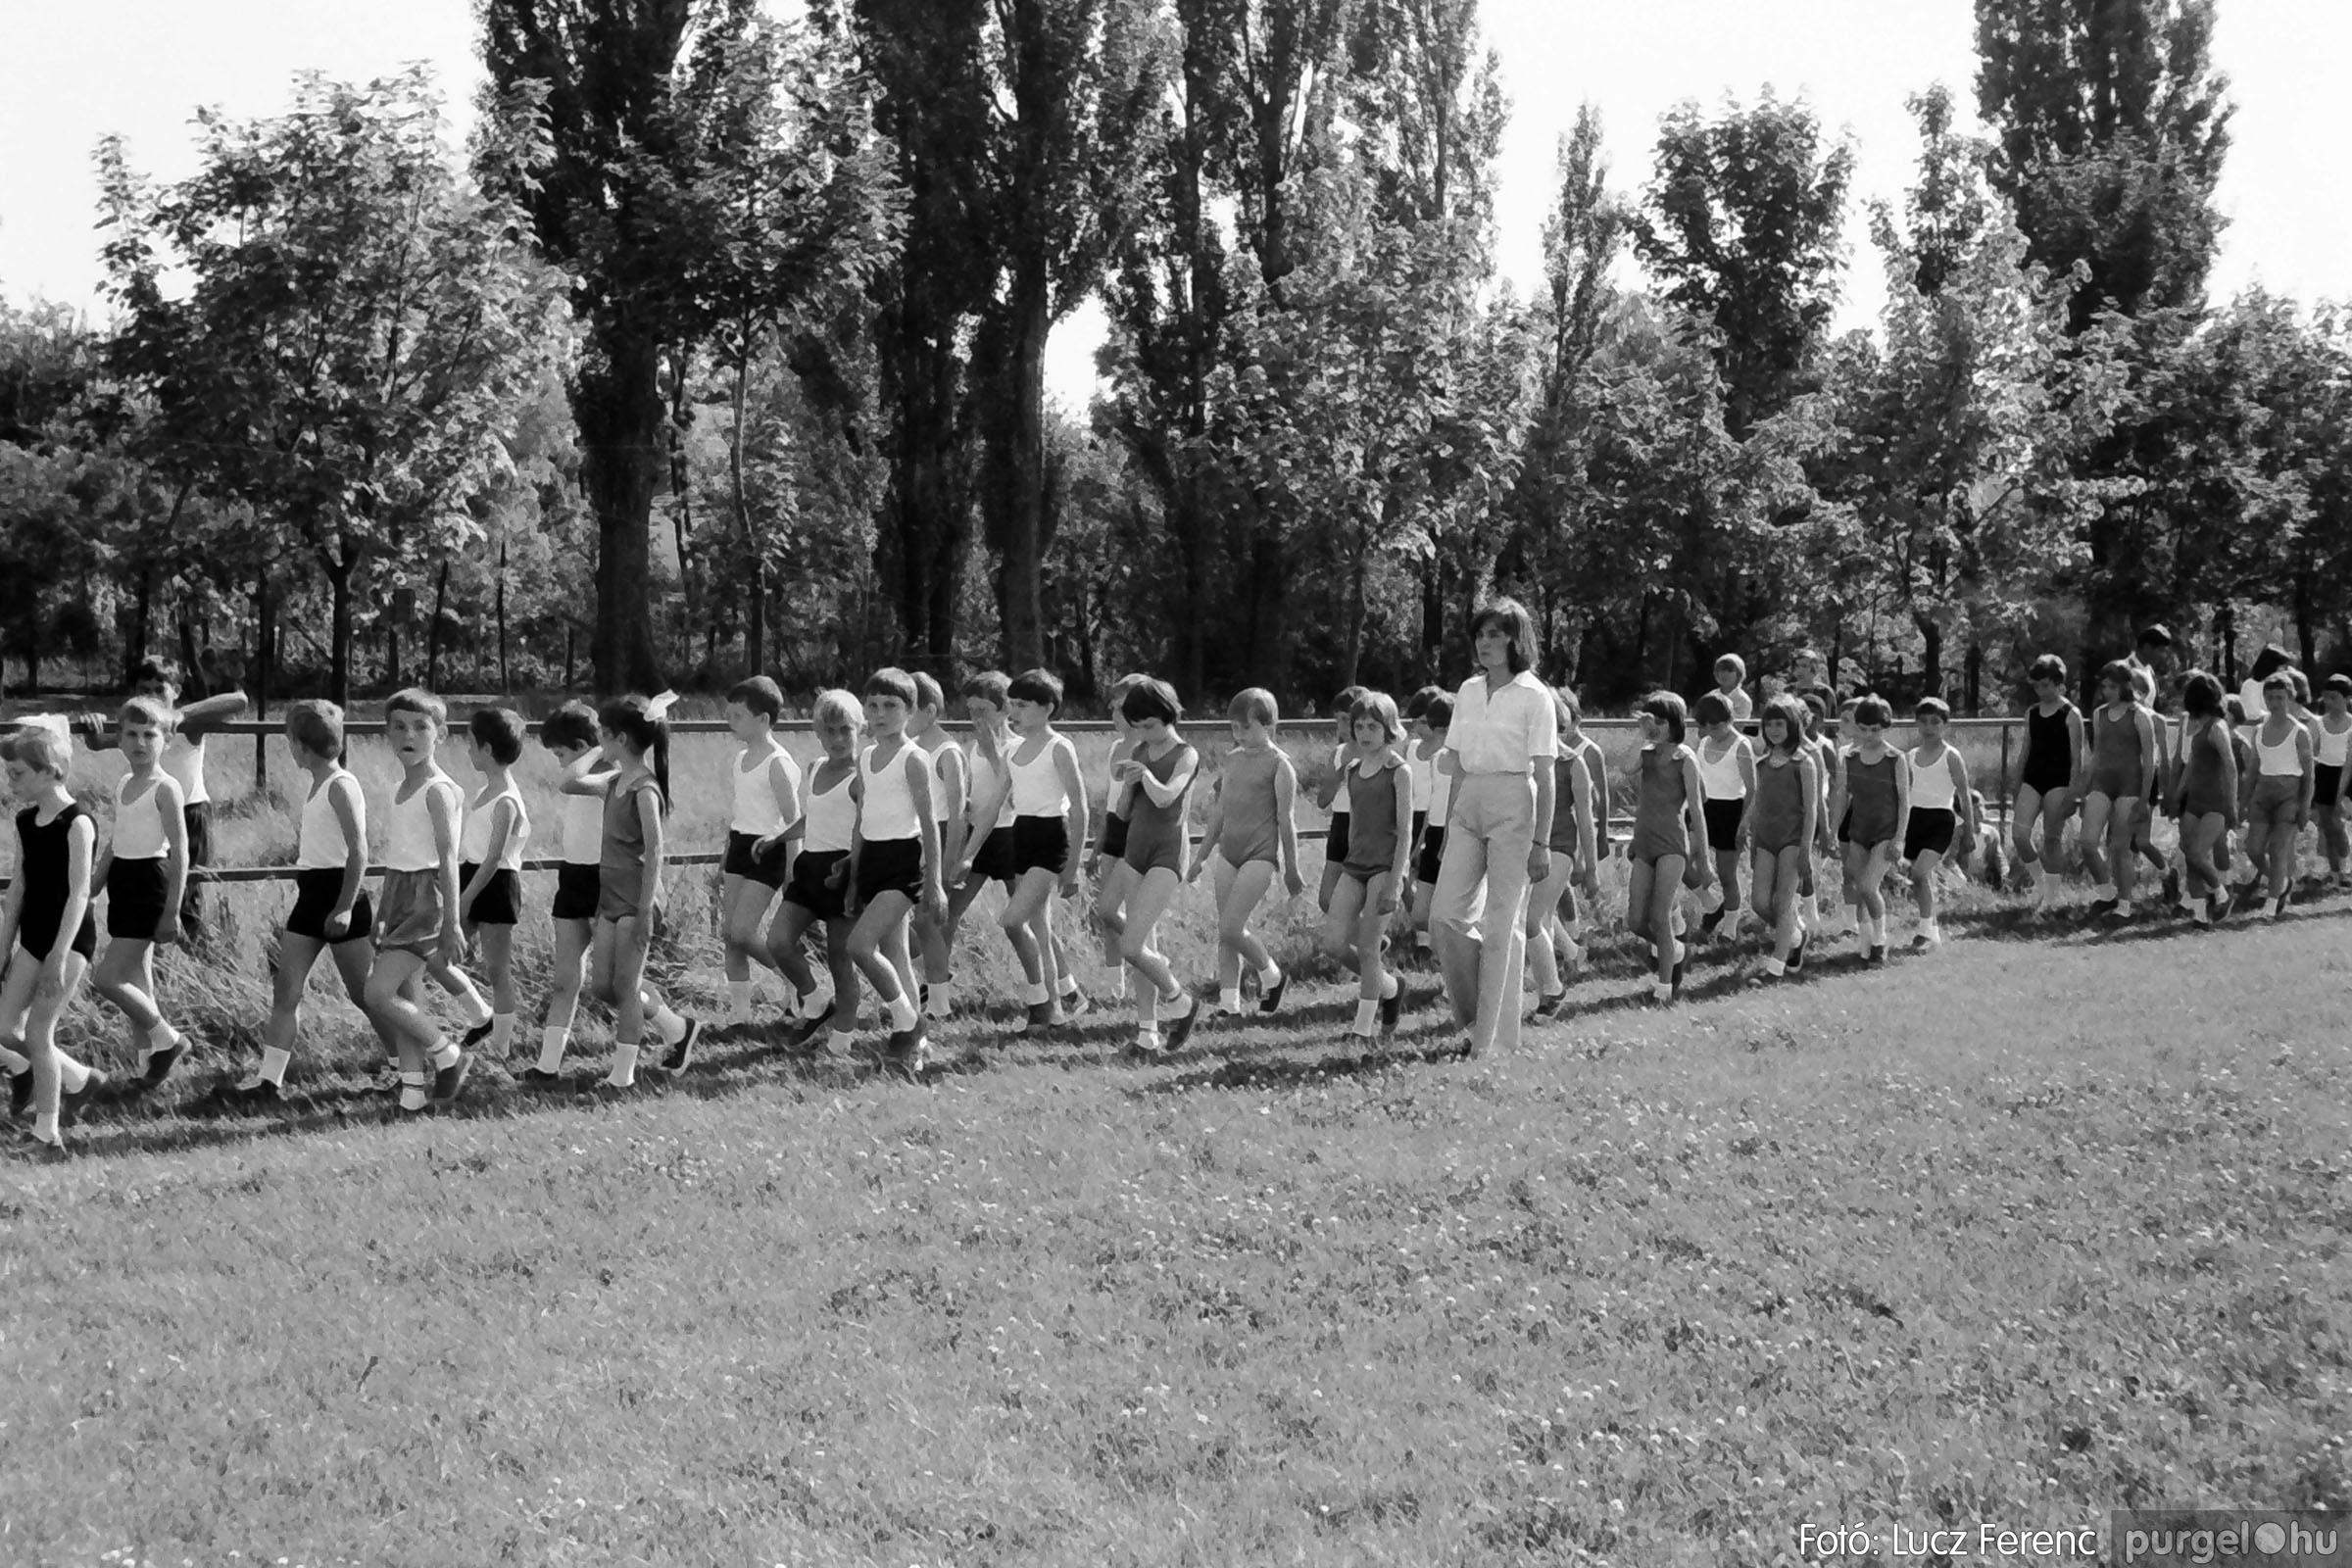 017 1975.04. Május elsejei tornabemutató főpróbája a sportpályán 017 - Fotó: Lucz Ferenc IMG00018q.jpg